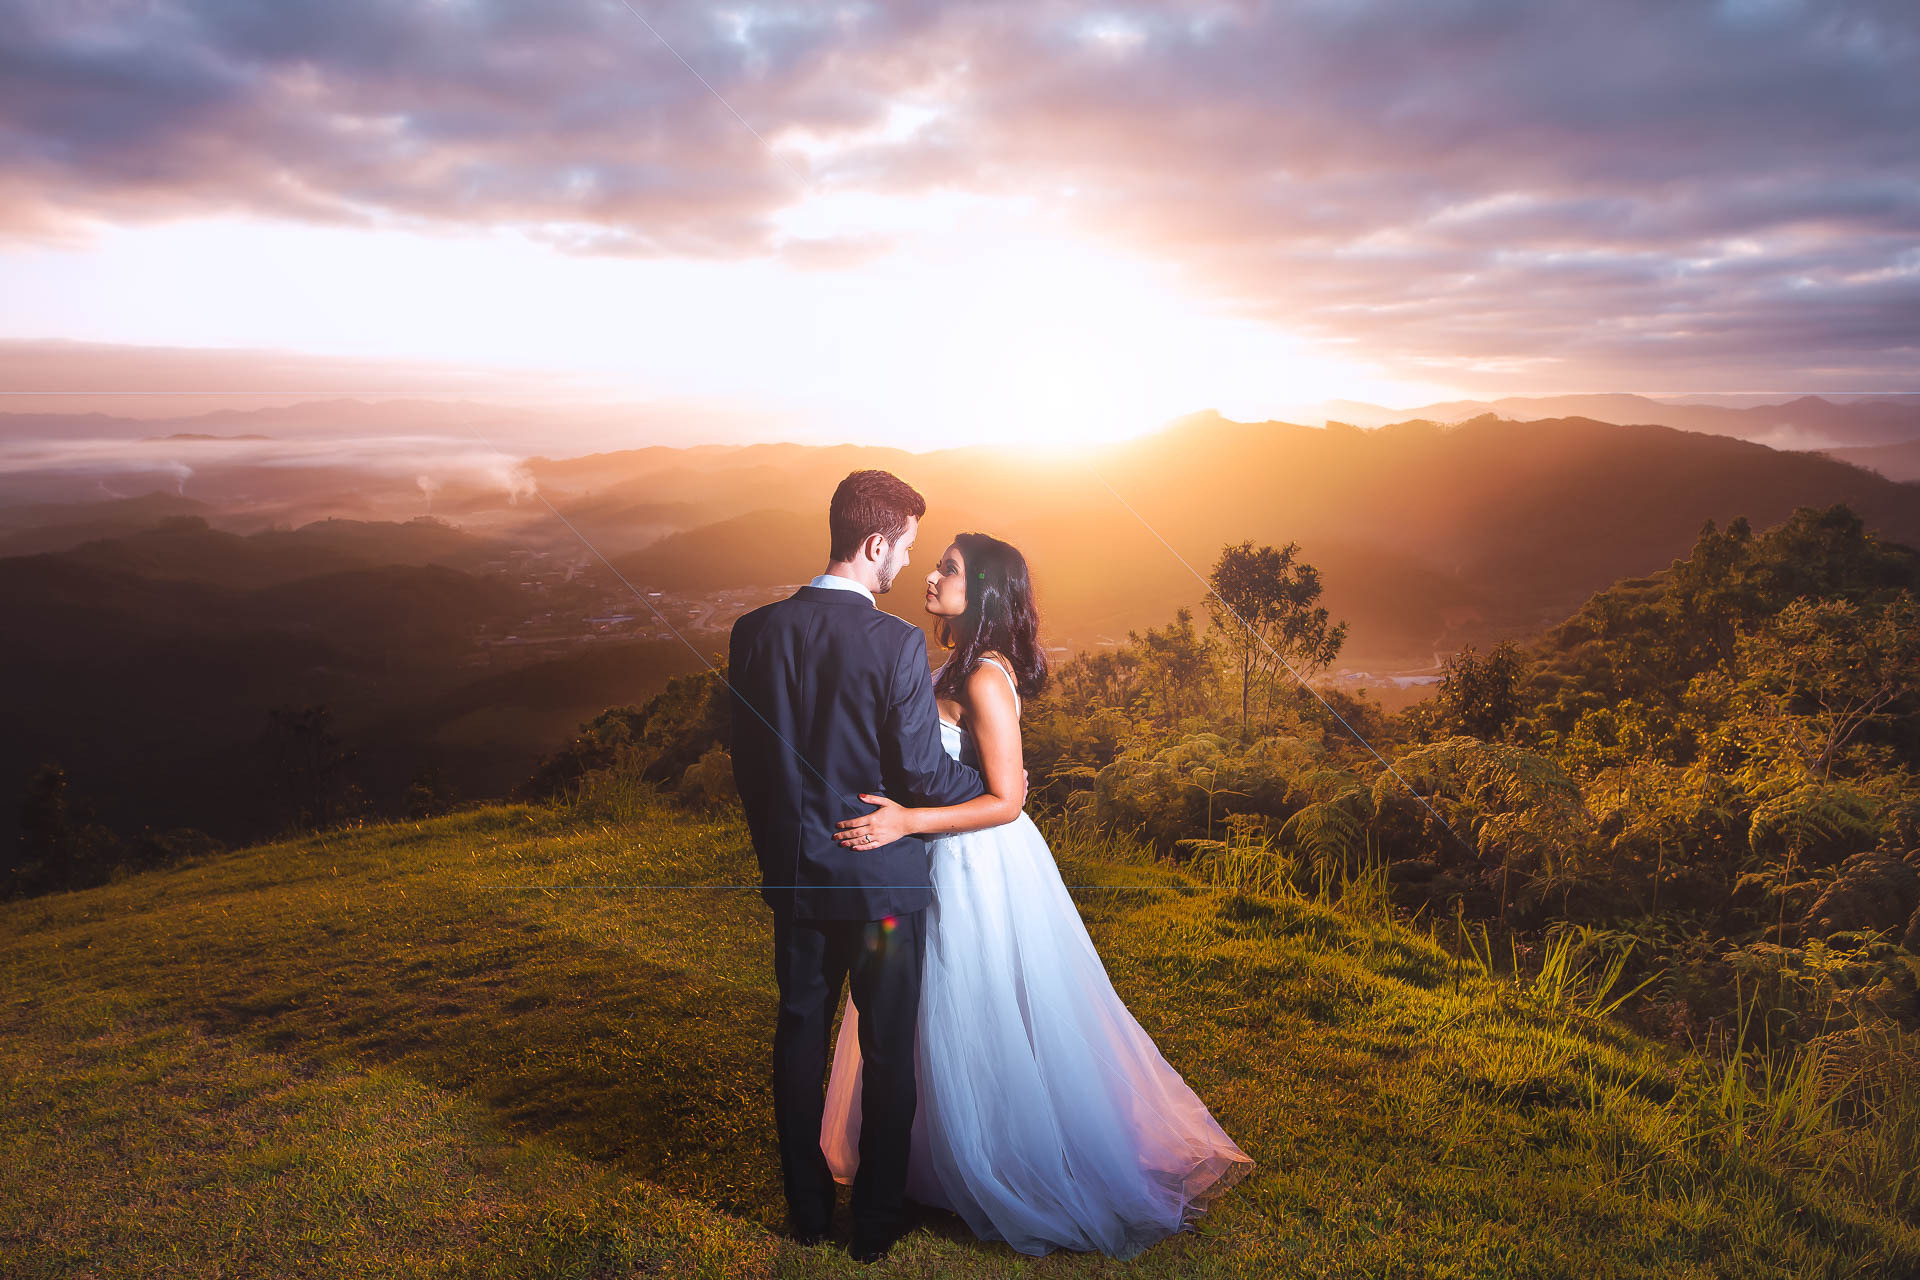 Fotografo de Casamento em Blumenau